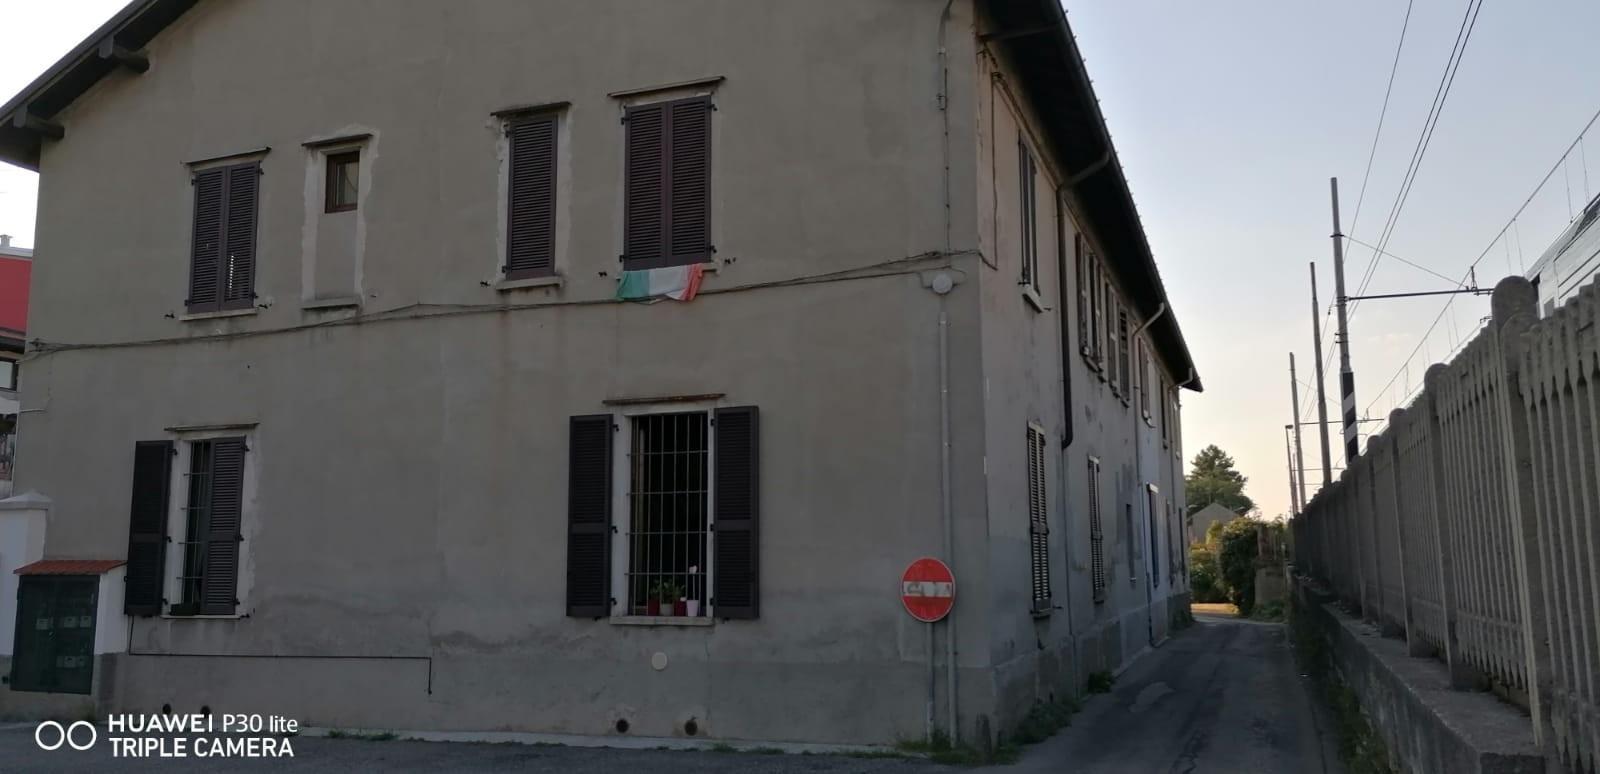 Foto 3 - Appartamento in Vendita - Lissone (Monza e Brianza)